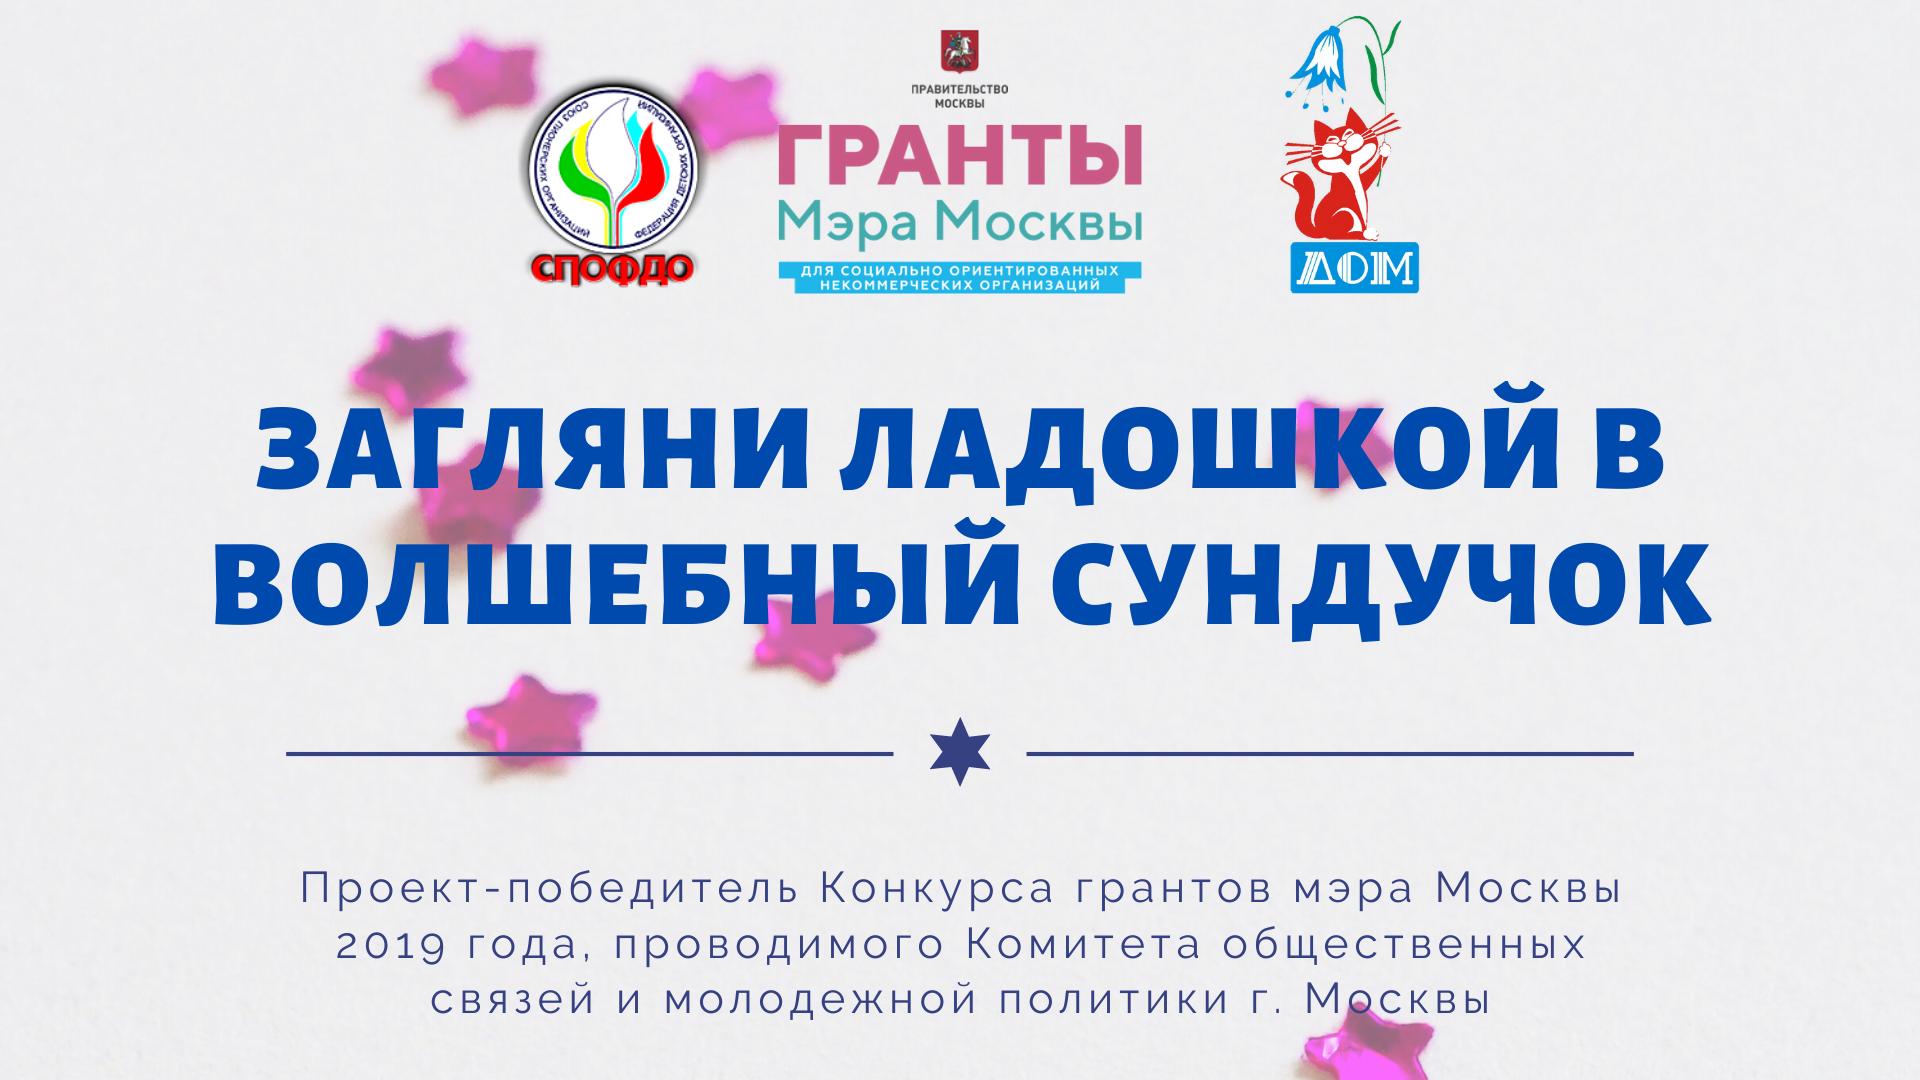 Результаты реализации проекта с 19 октября 2019 г. по 24 марта 2020 г.